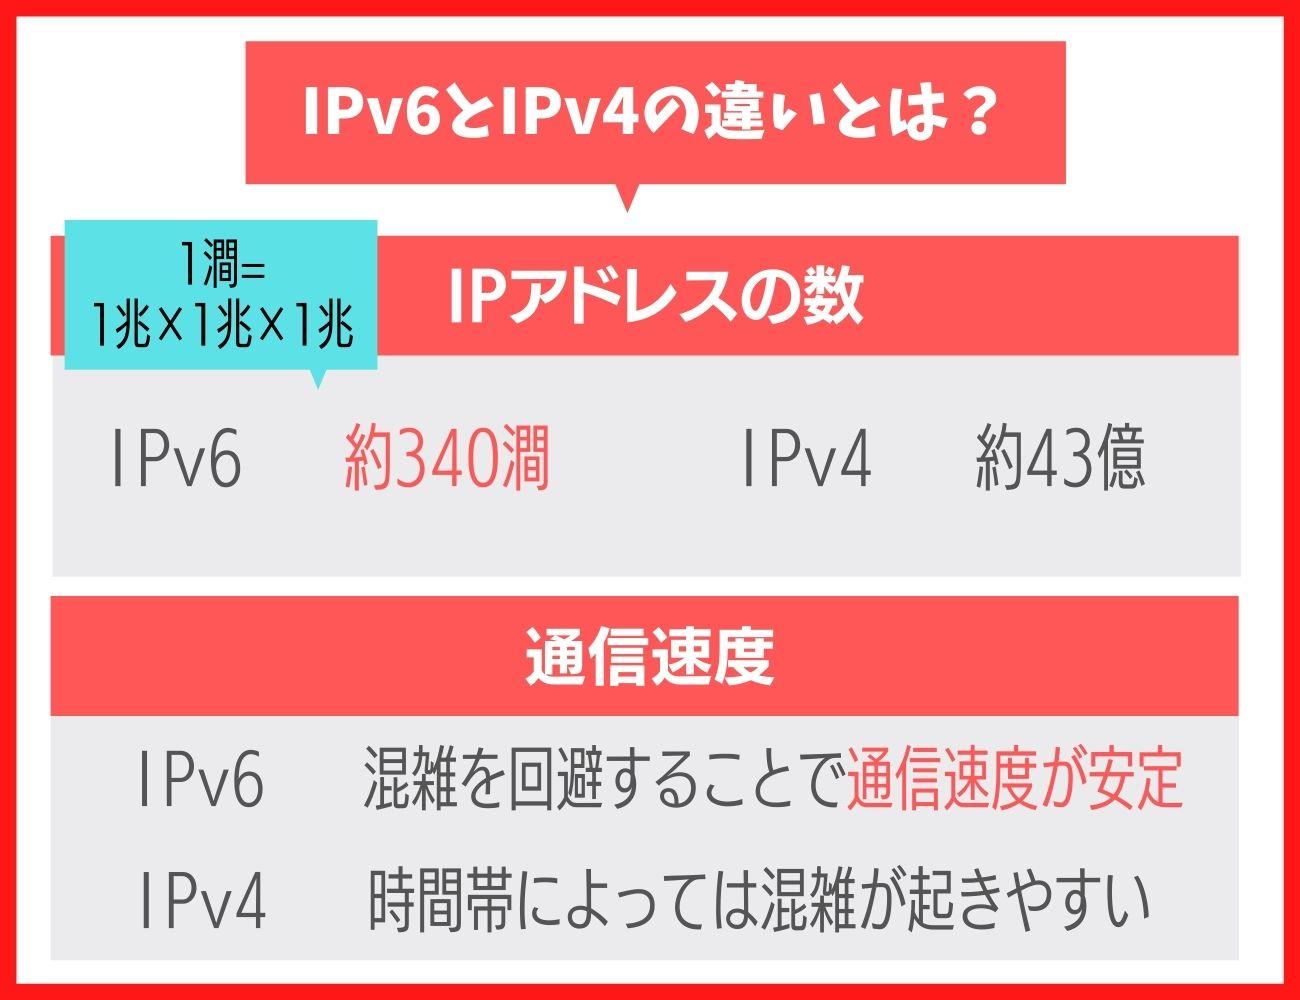 そもそもドコモ光のIPv6とIPv4の違いとは?